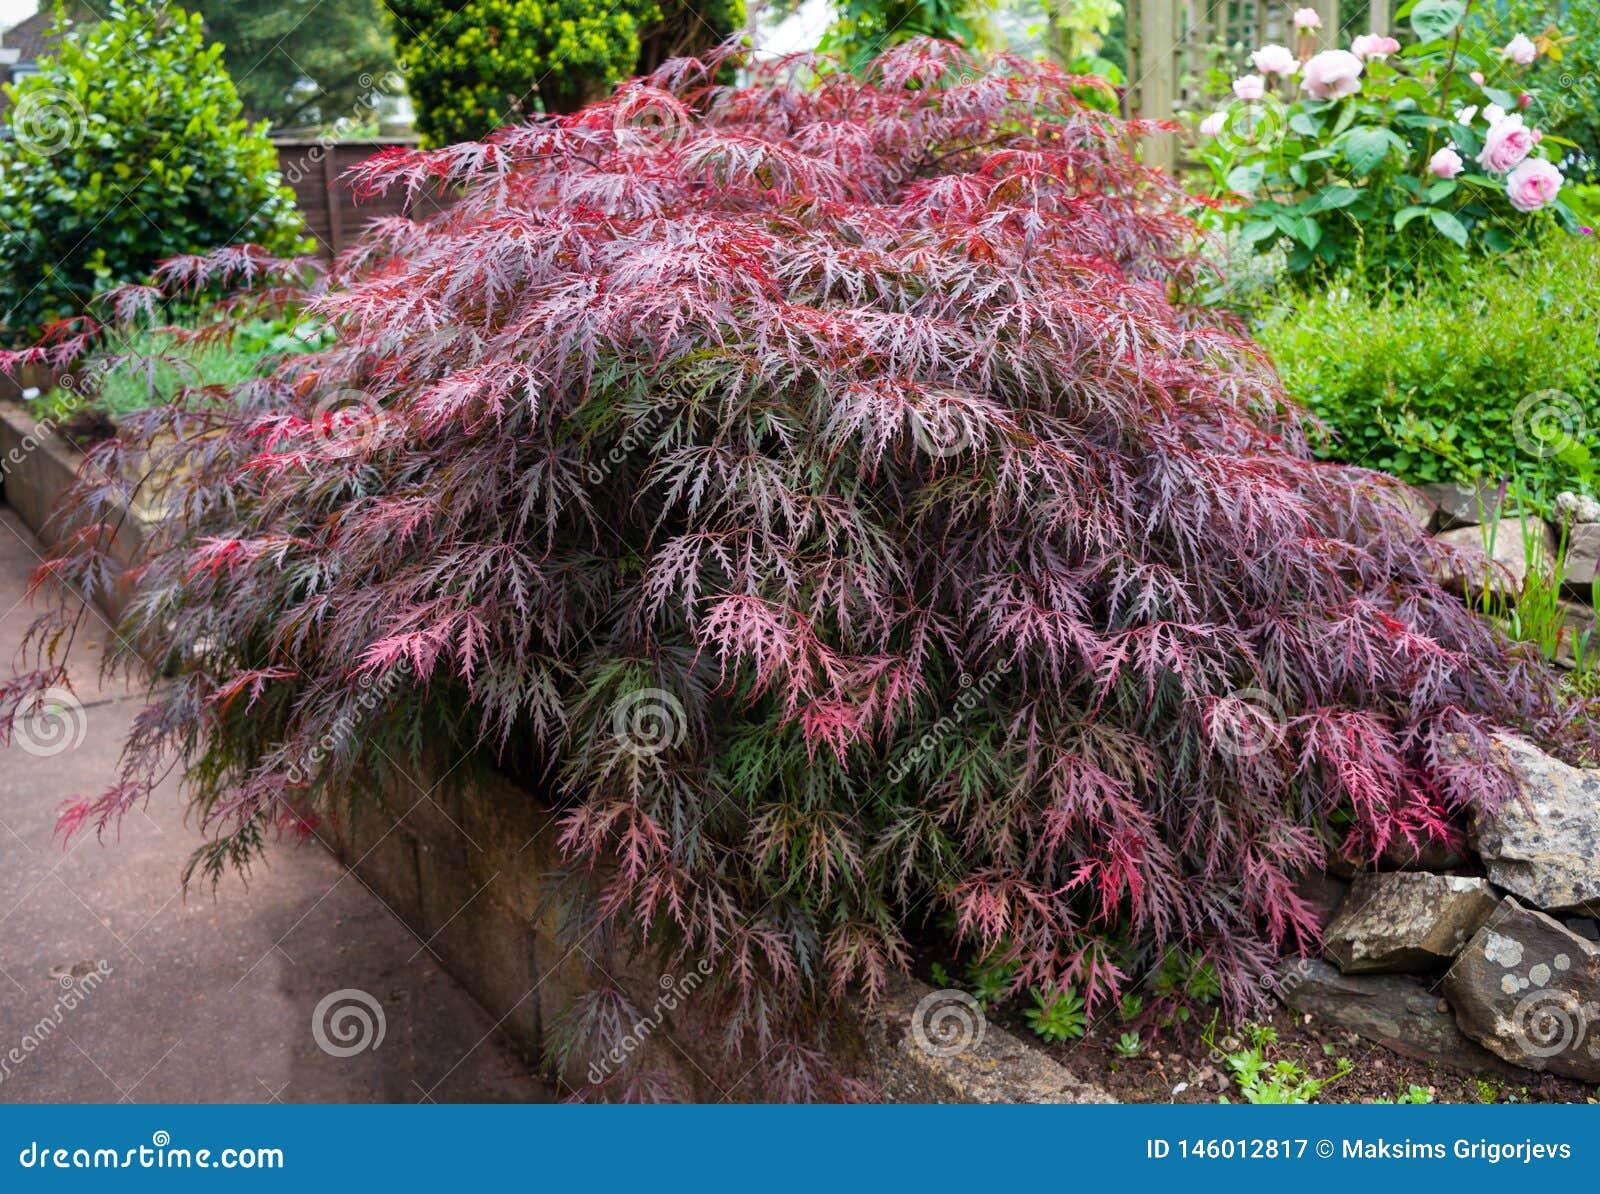 Folha vermelha do palmatum chorando de Acer da ?rvore de bordo japon?s de Laceleaf no jardim